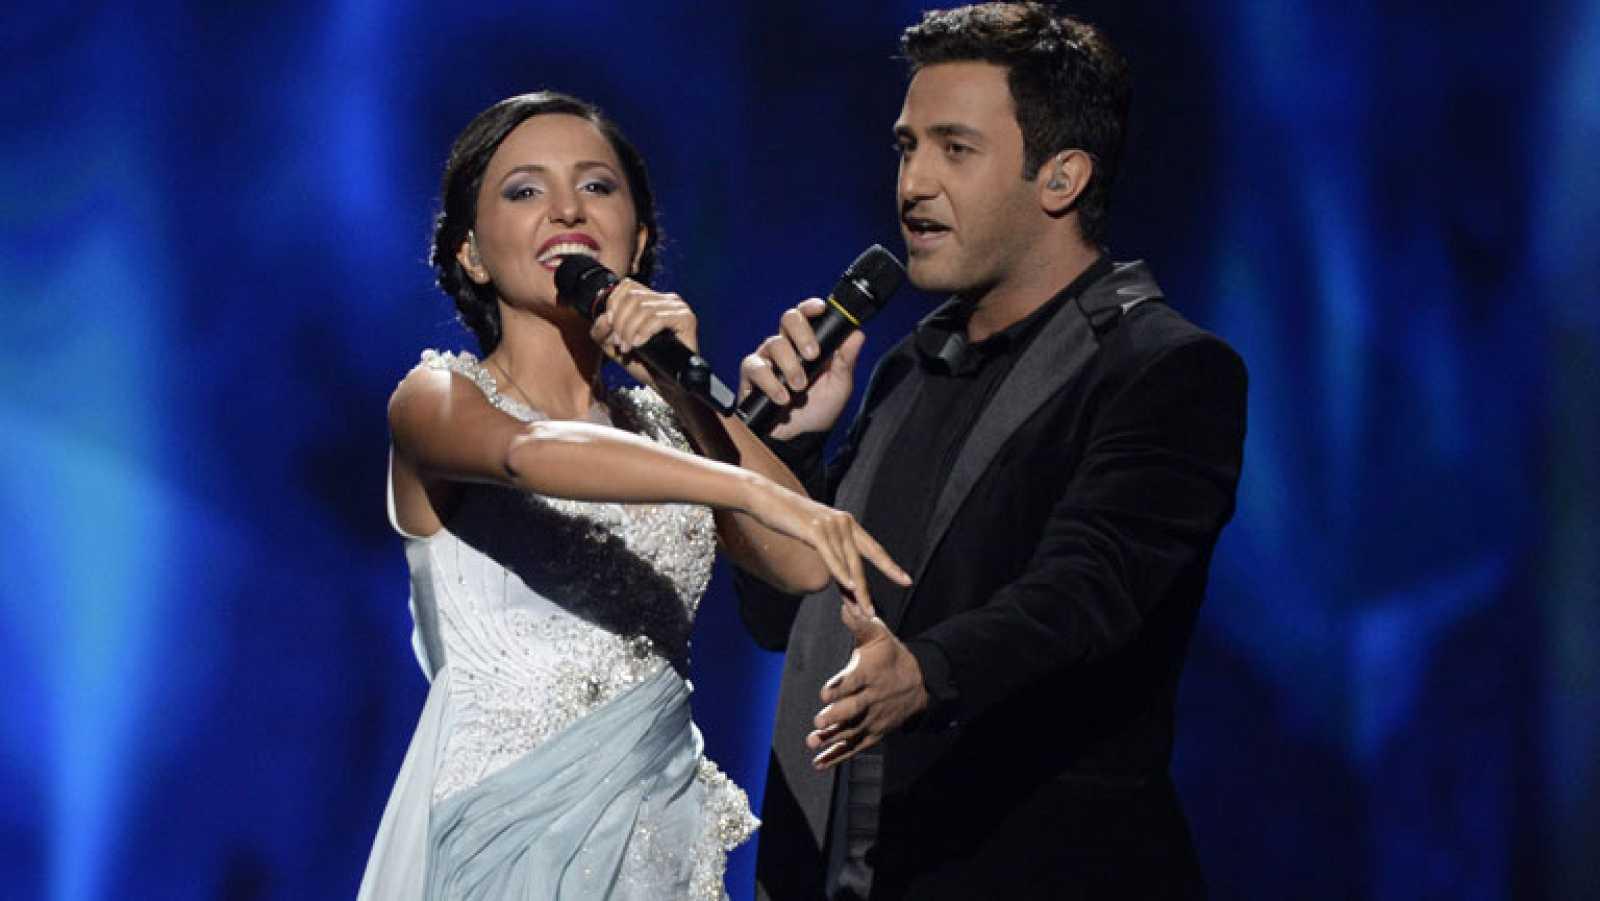 Segunda semifinal de Eurovisión - Georgia